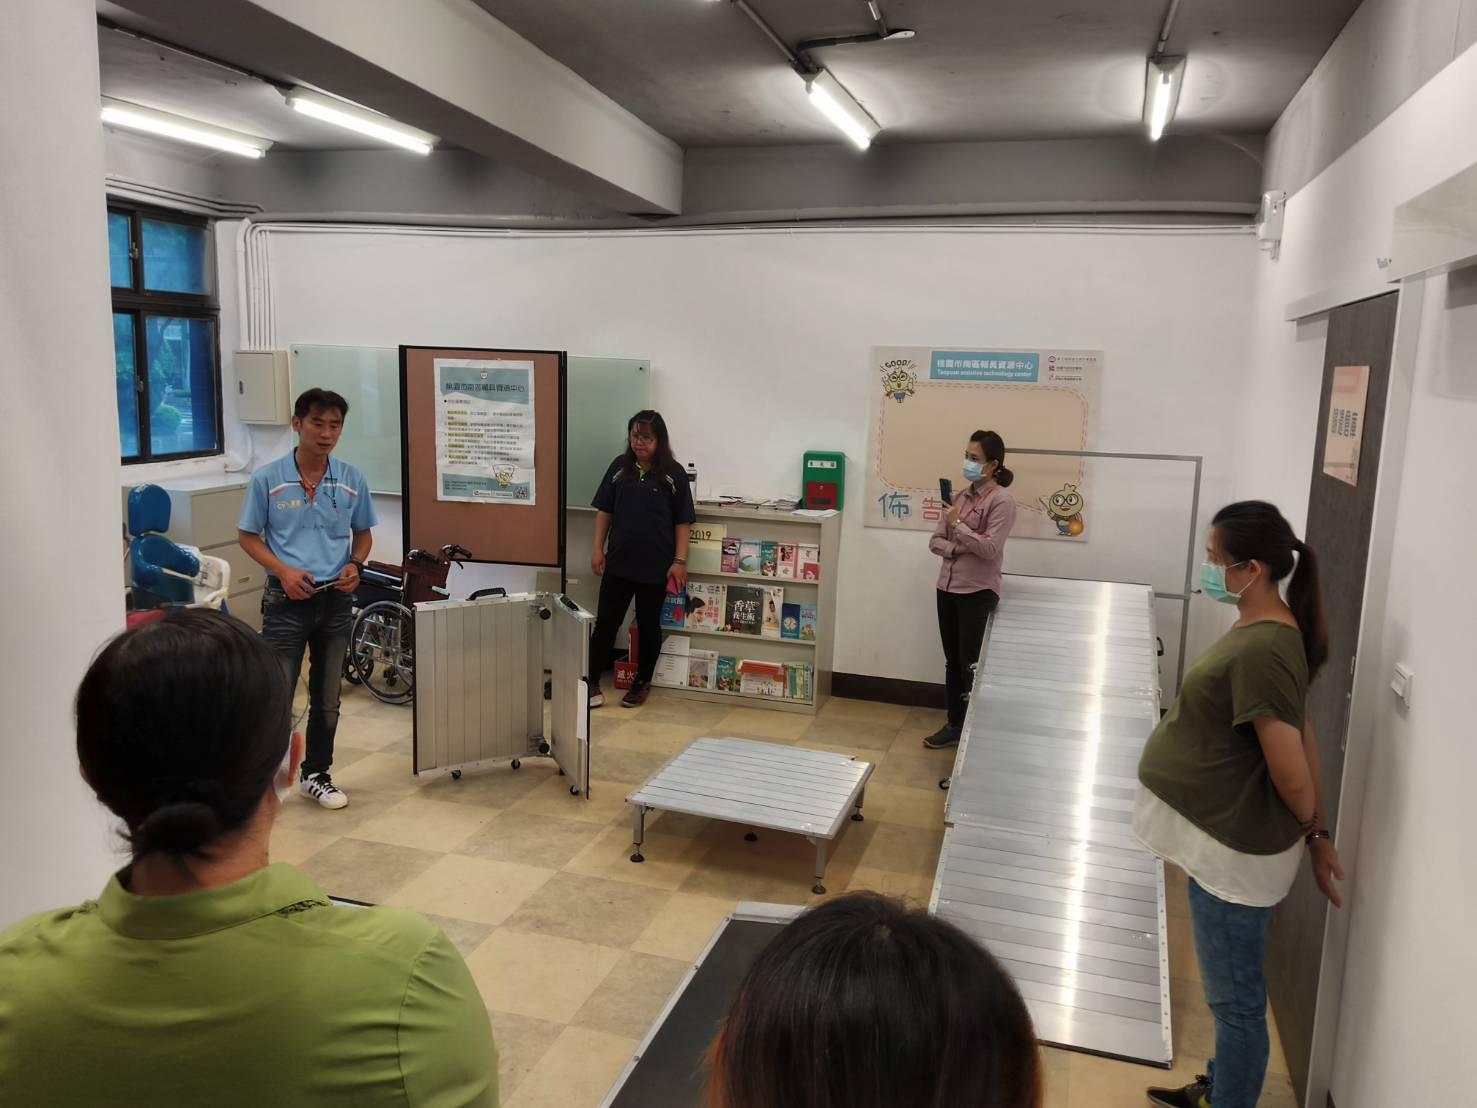 桃園市南區輔具資源中心 改善高低差課程